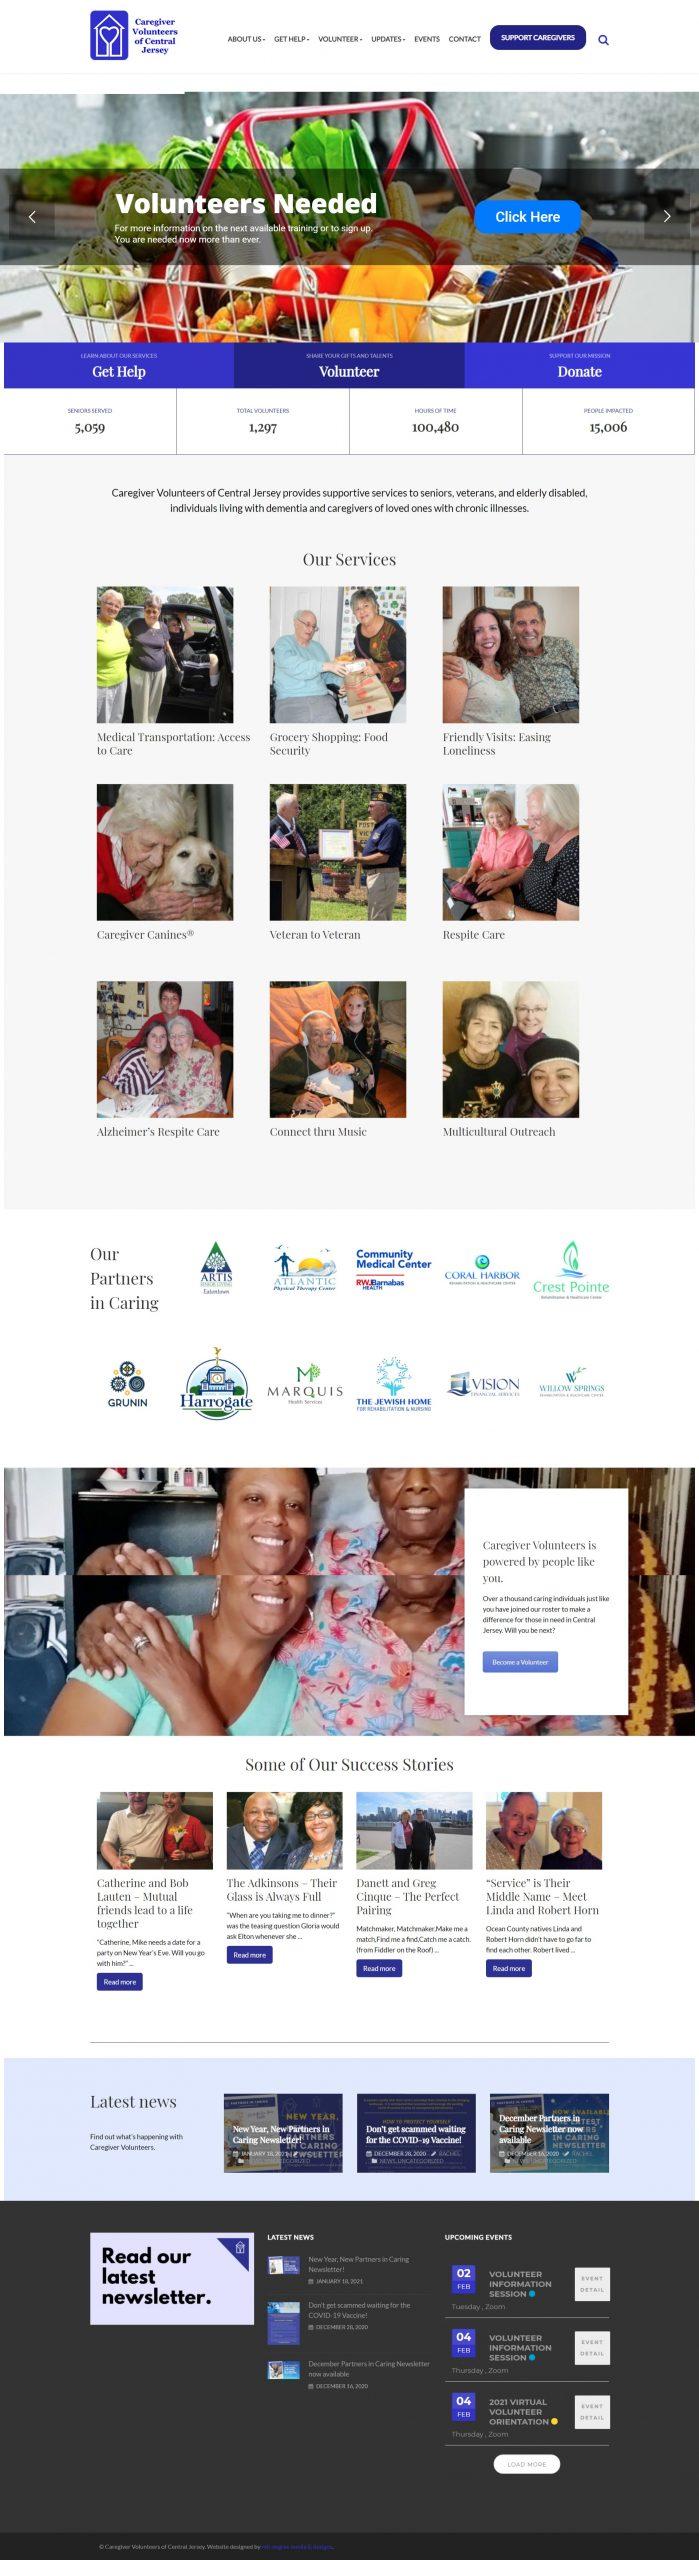 caregiver volunteers of central jersey wordpress development (2)